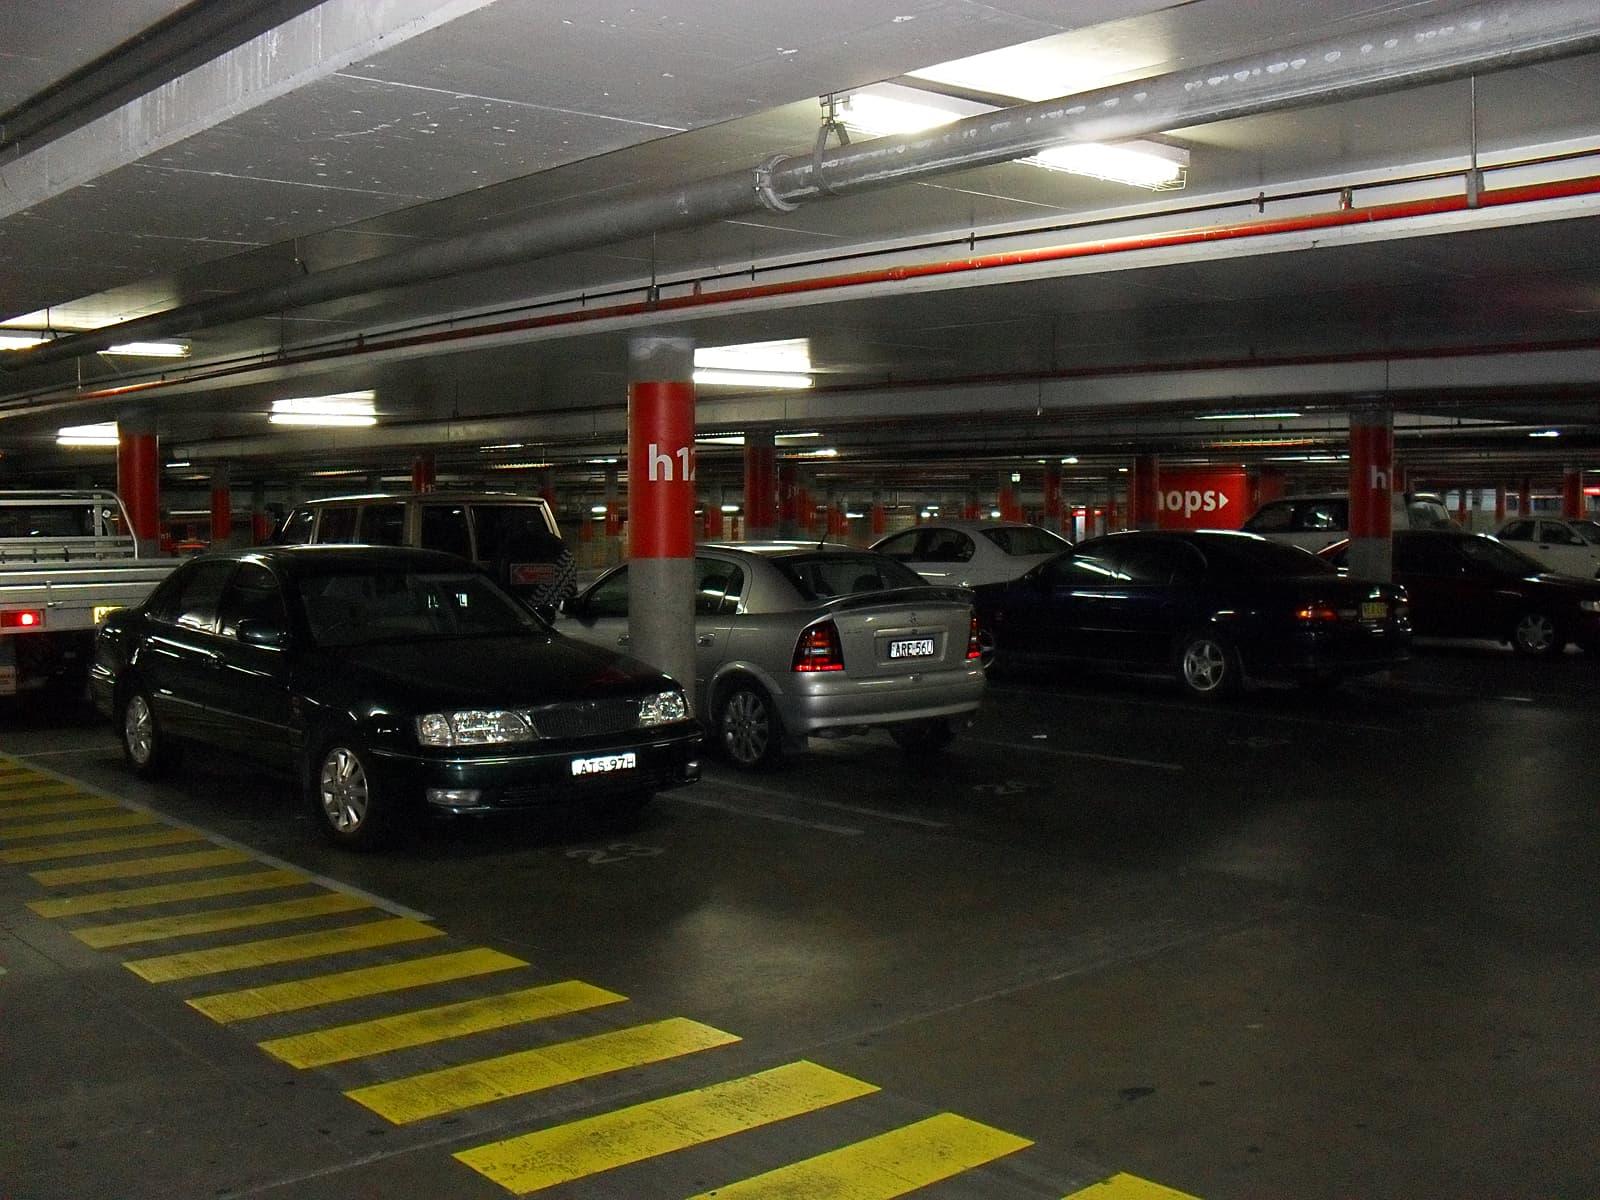 Wagga_Wagga_Marketplace_underground_carpark